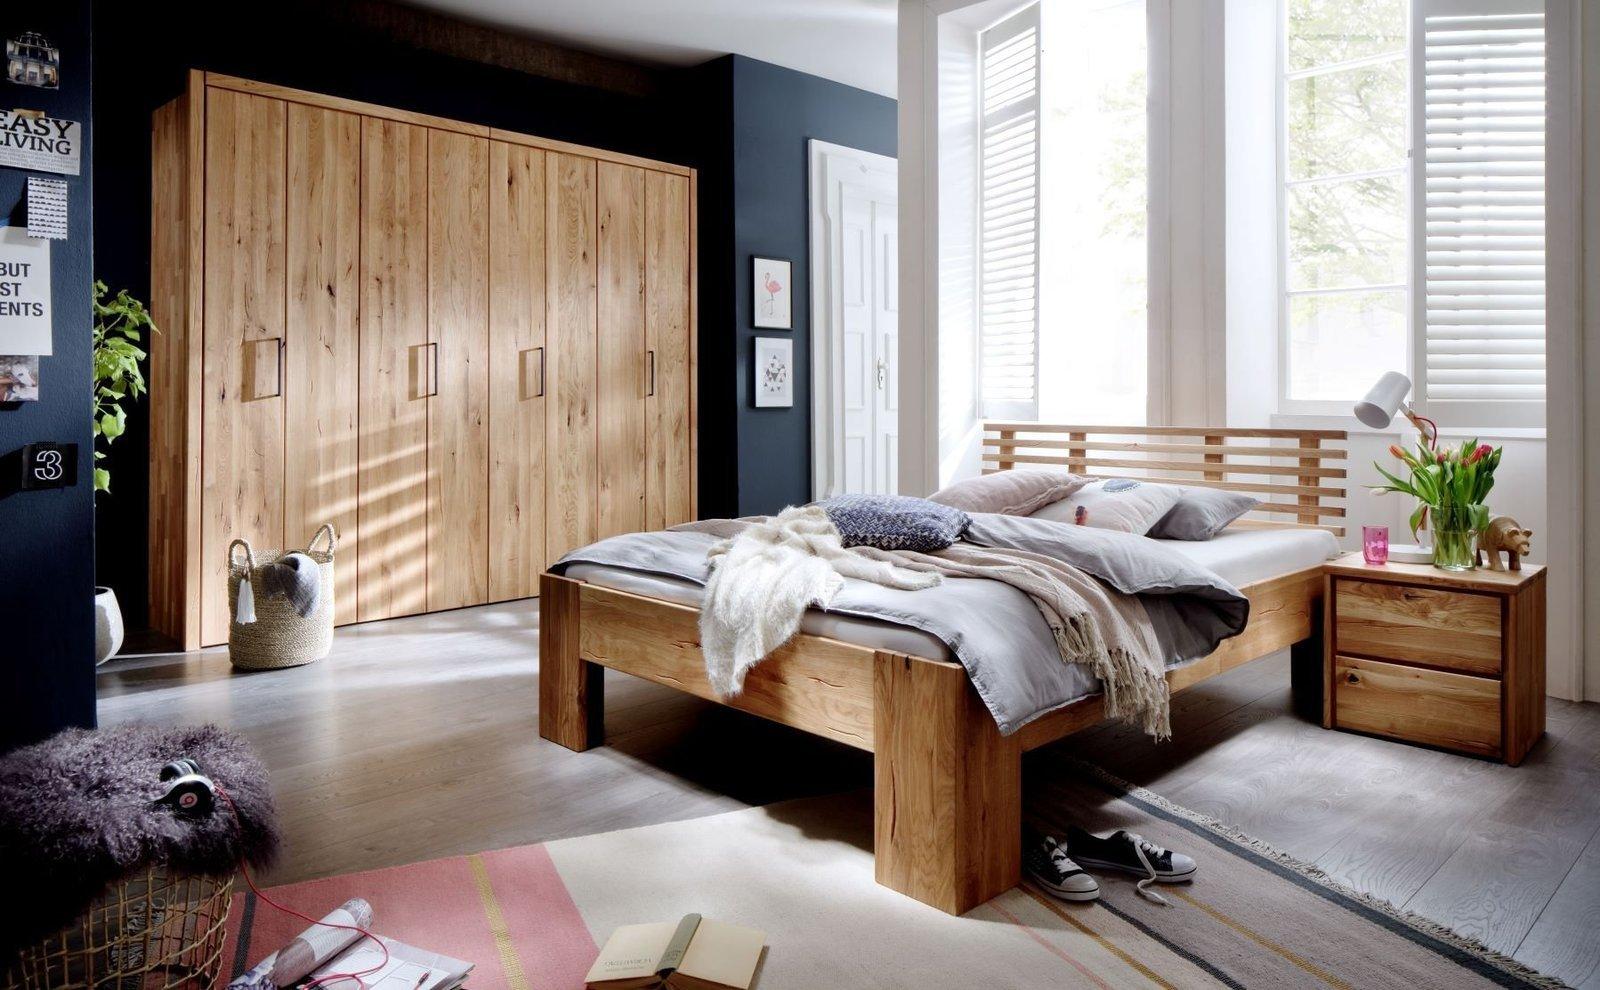 Schlafzimmer Doppelbett Wildeiche Massivholz Rödemis I, Bild 3